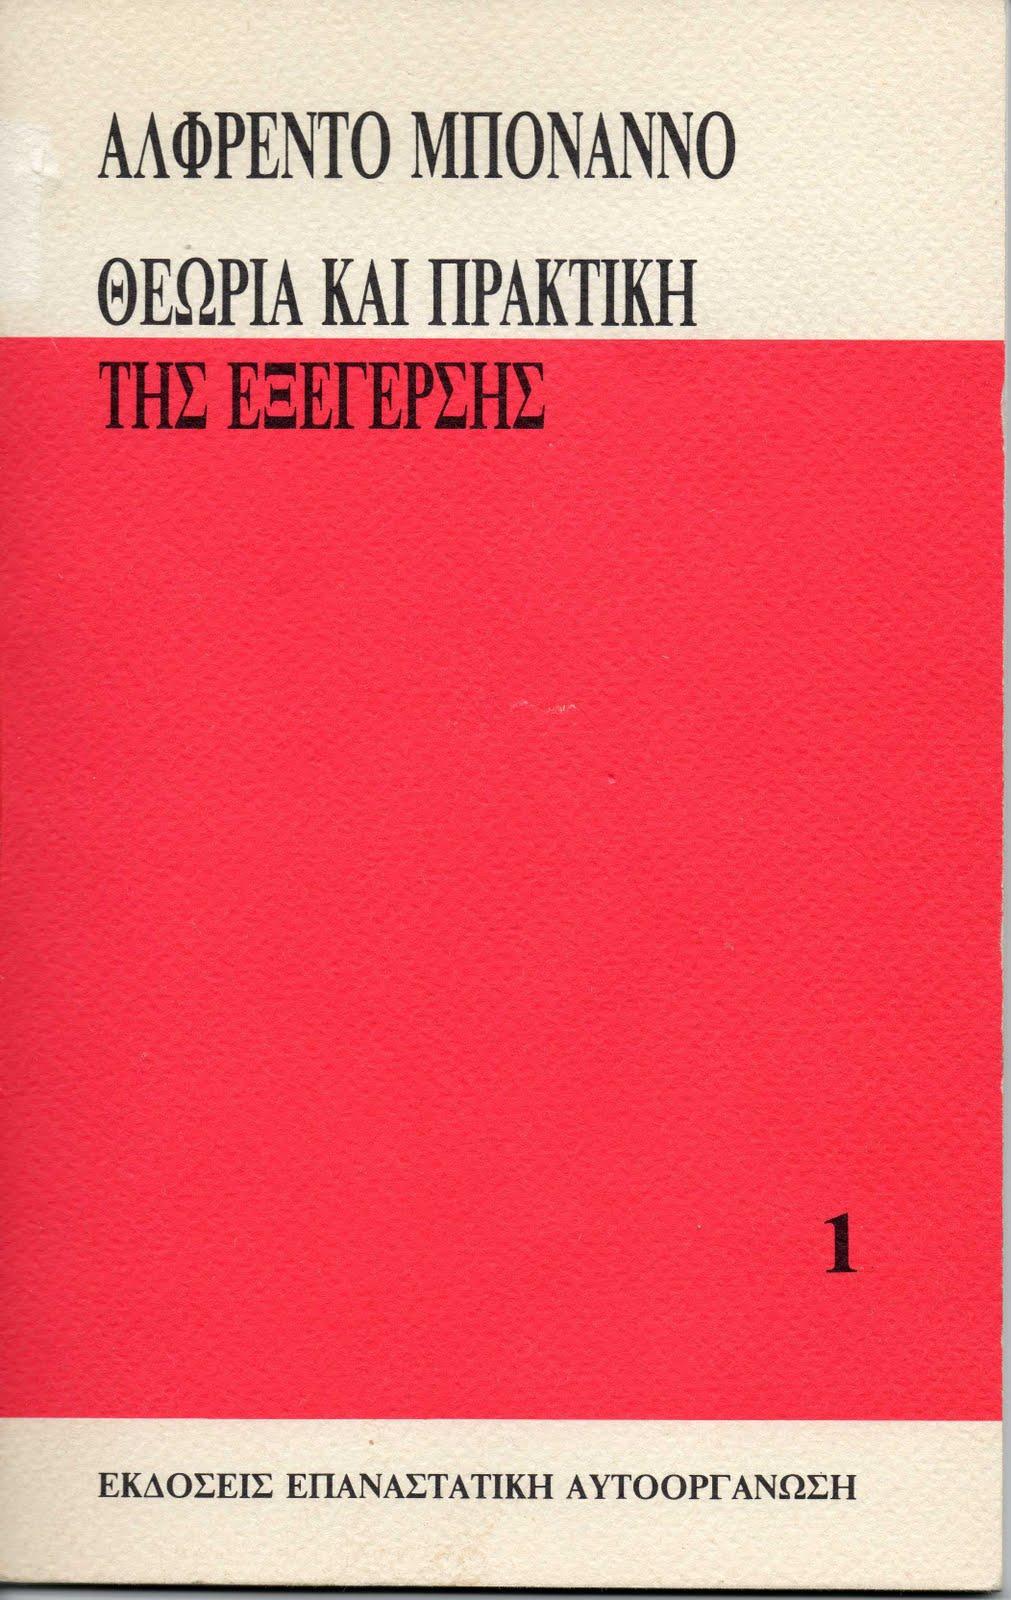 """ένα βιβλίο που τυπώθηκε στην ιταλία τον Μάρτη του 1991 για τις εκδόσεις """"Επαναστατική Αυτοοργάνωση"""""""